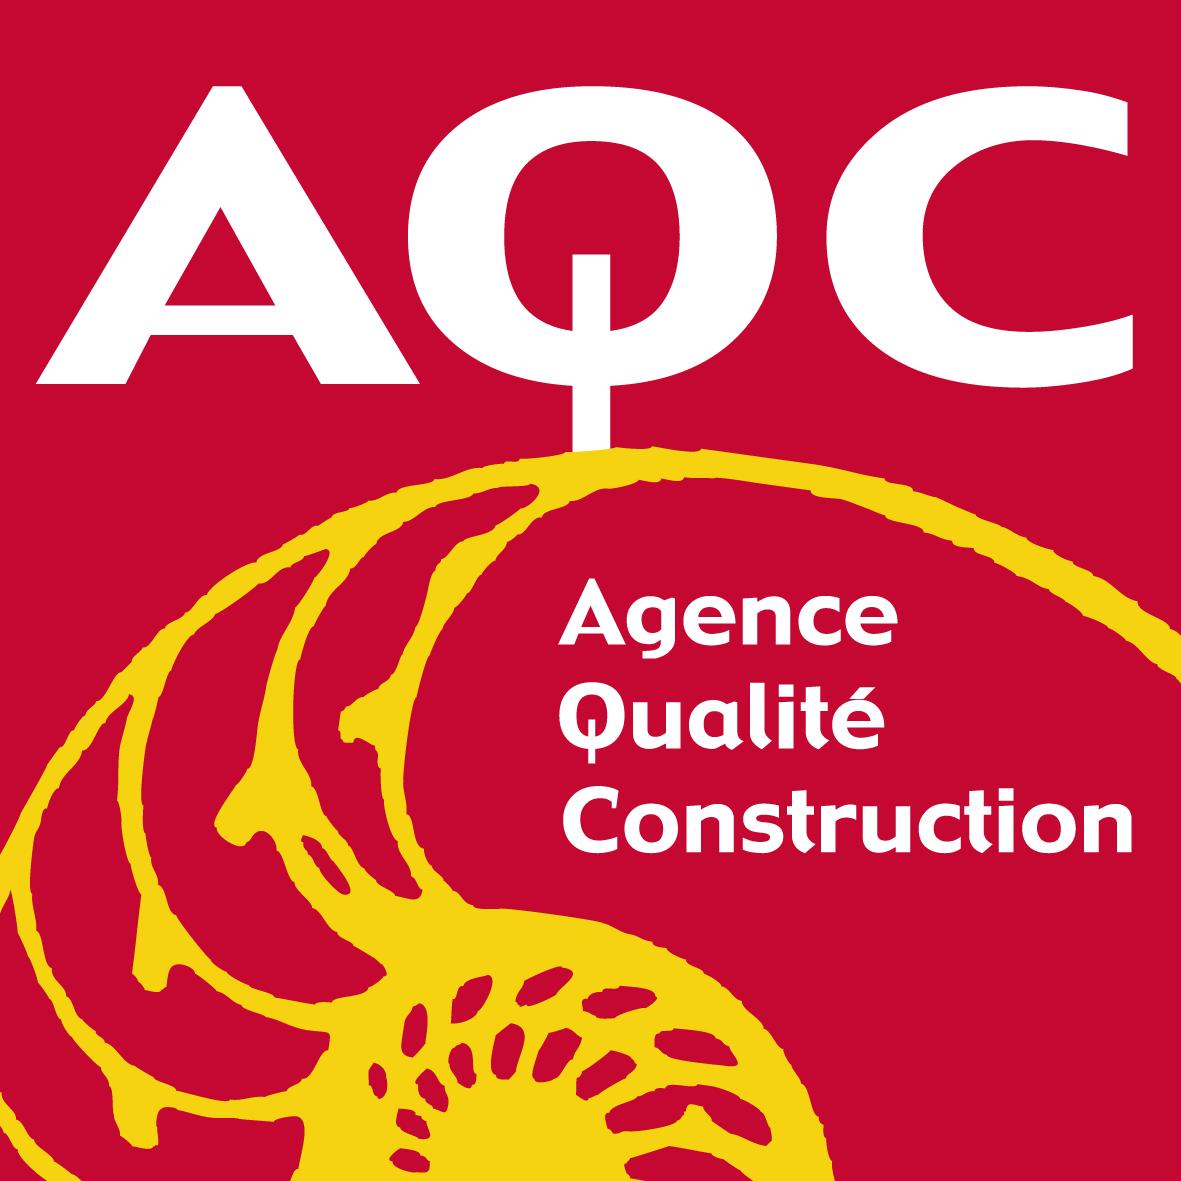 Logo de l'Agence Qualité Construction (AQC)